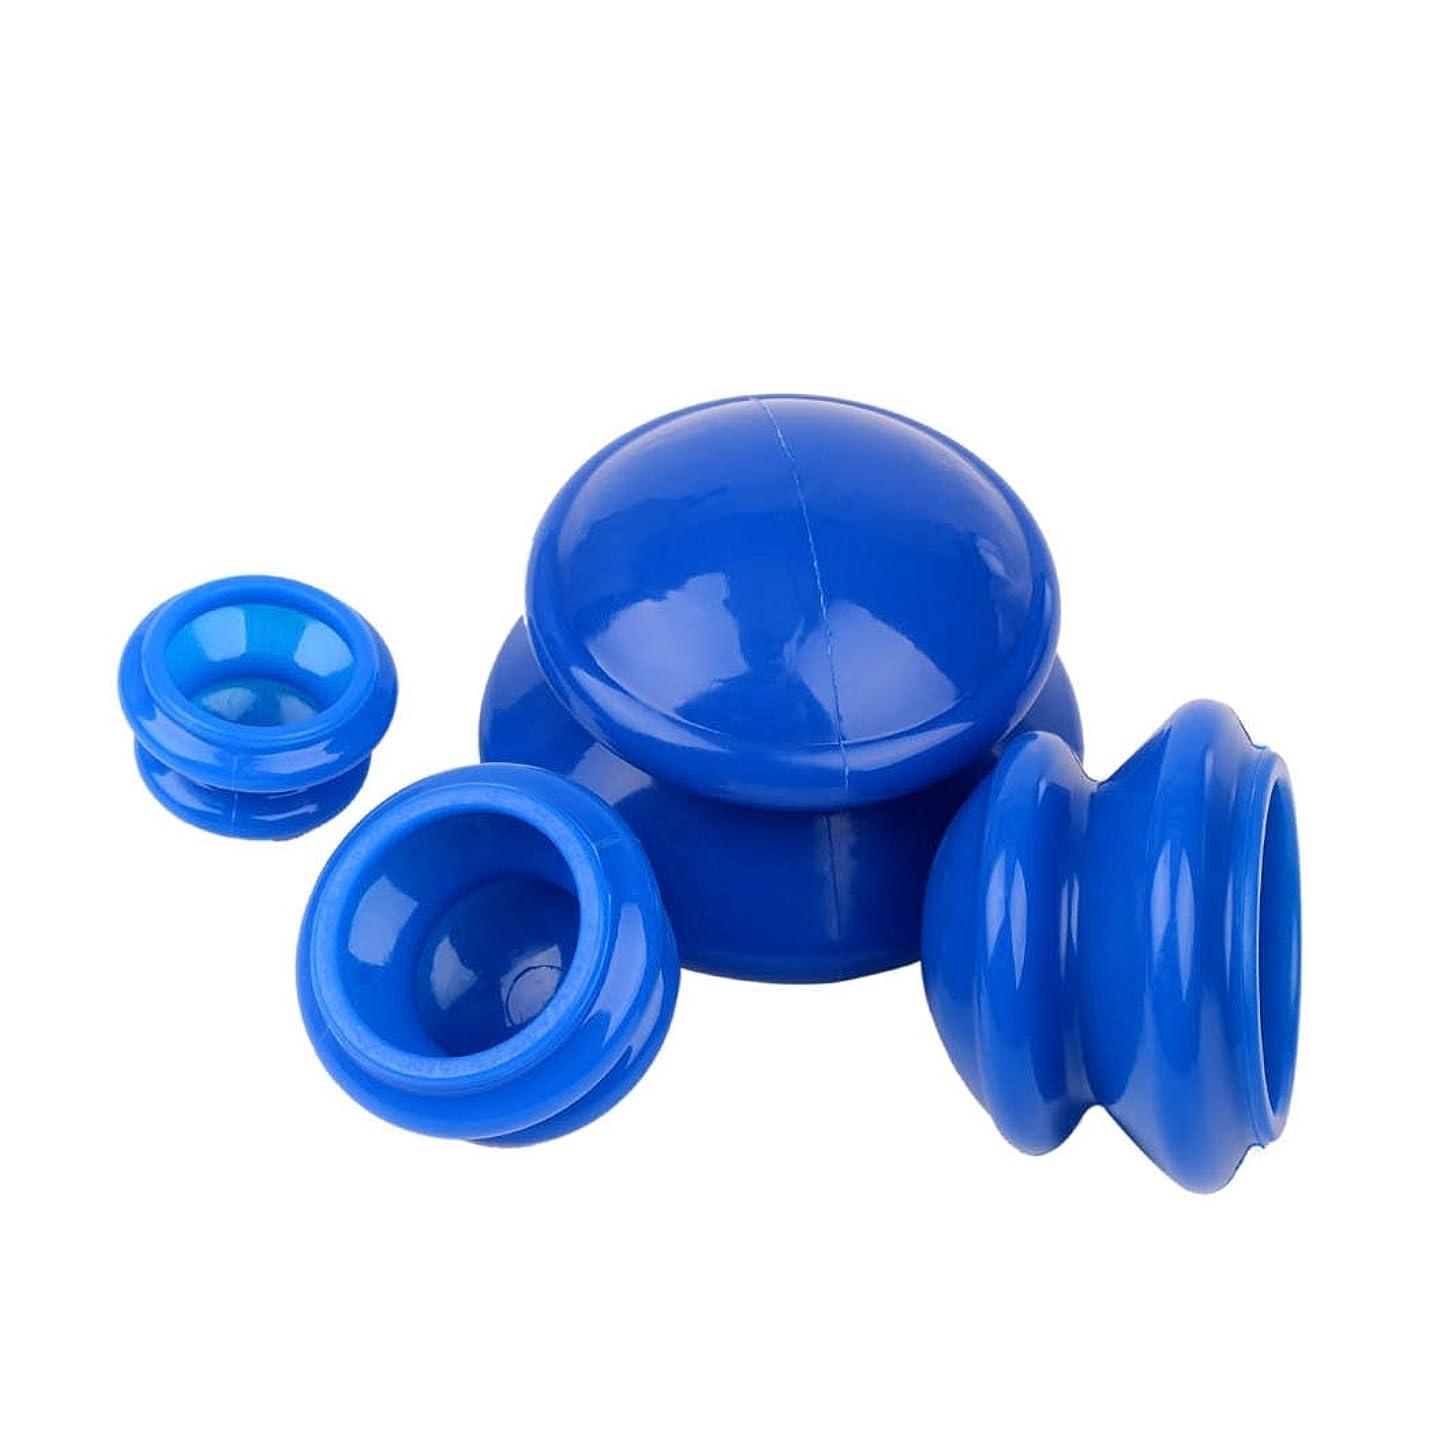 マナージャンクション幸運なことに(inkint)マッサージ 吸い玉 カッピングカップ 4個セット バキュームカップ シリコーン製吸い玉 ネック 顔全身マッサージ フィットネスケア 血流促進 マッサージャー ブルー